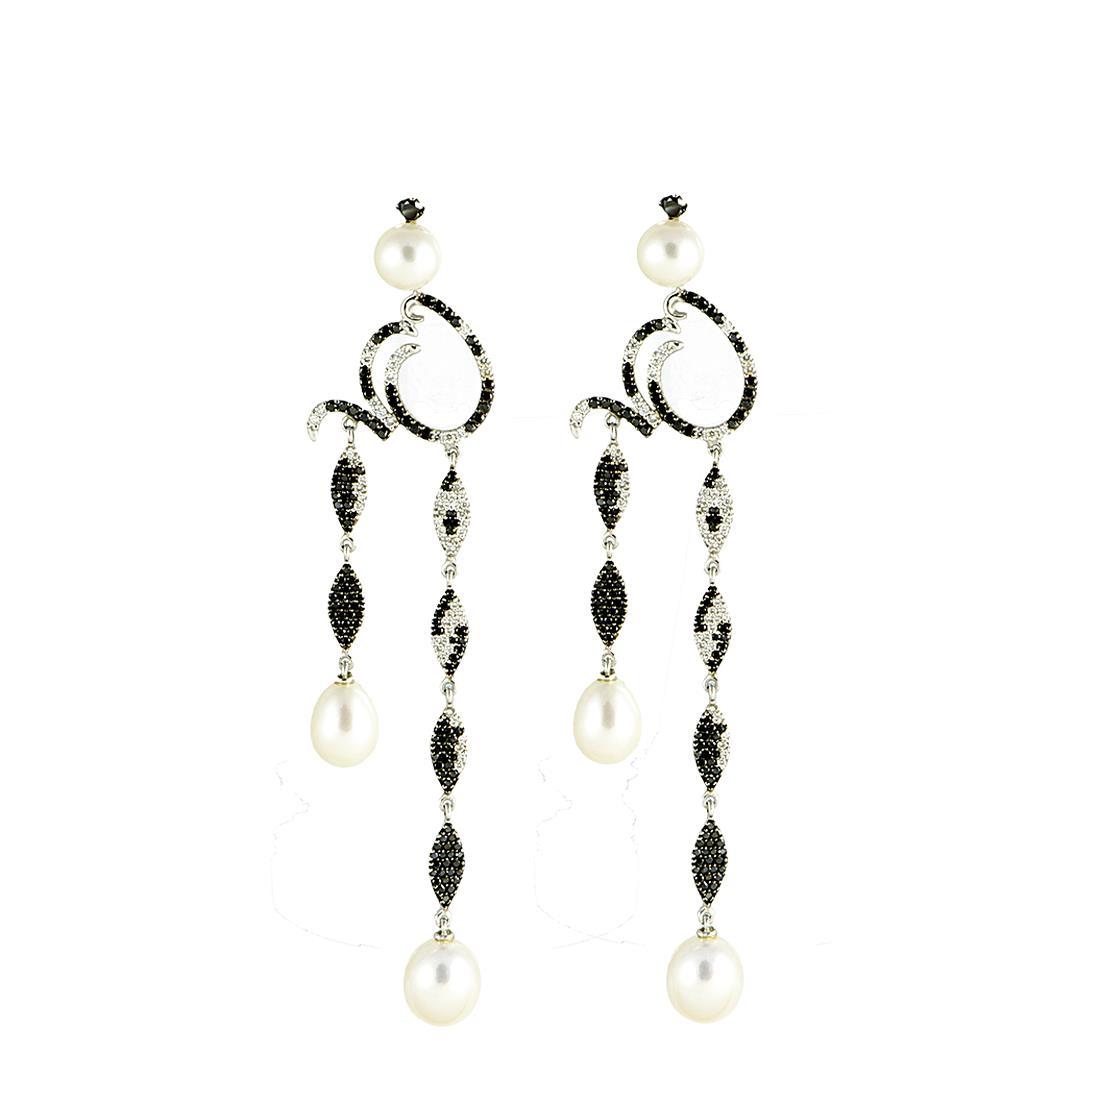 Orecchini in oro bianco con diamanti ct 3.09 e perle  - ROBERTO DEMEGLIO